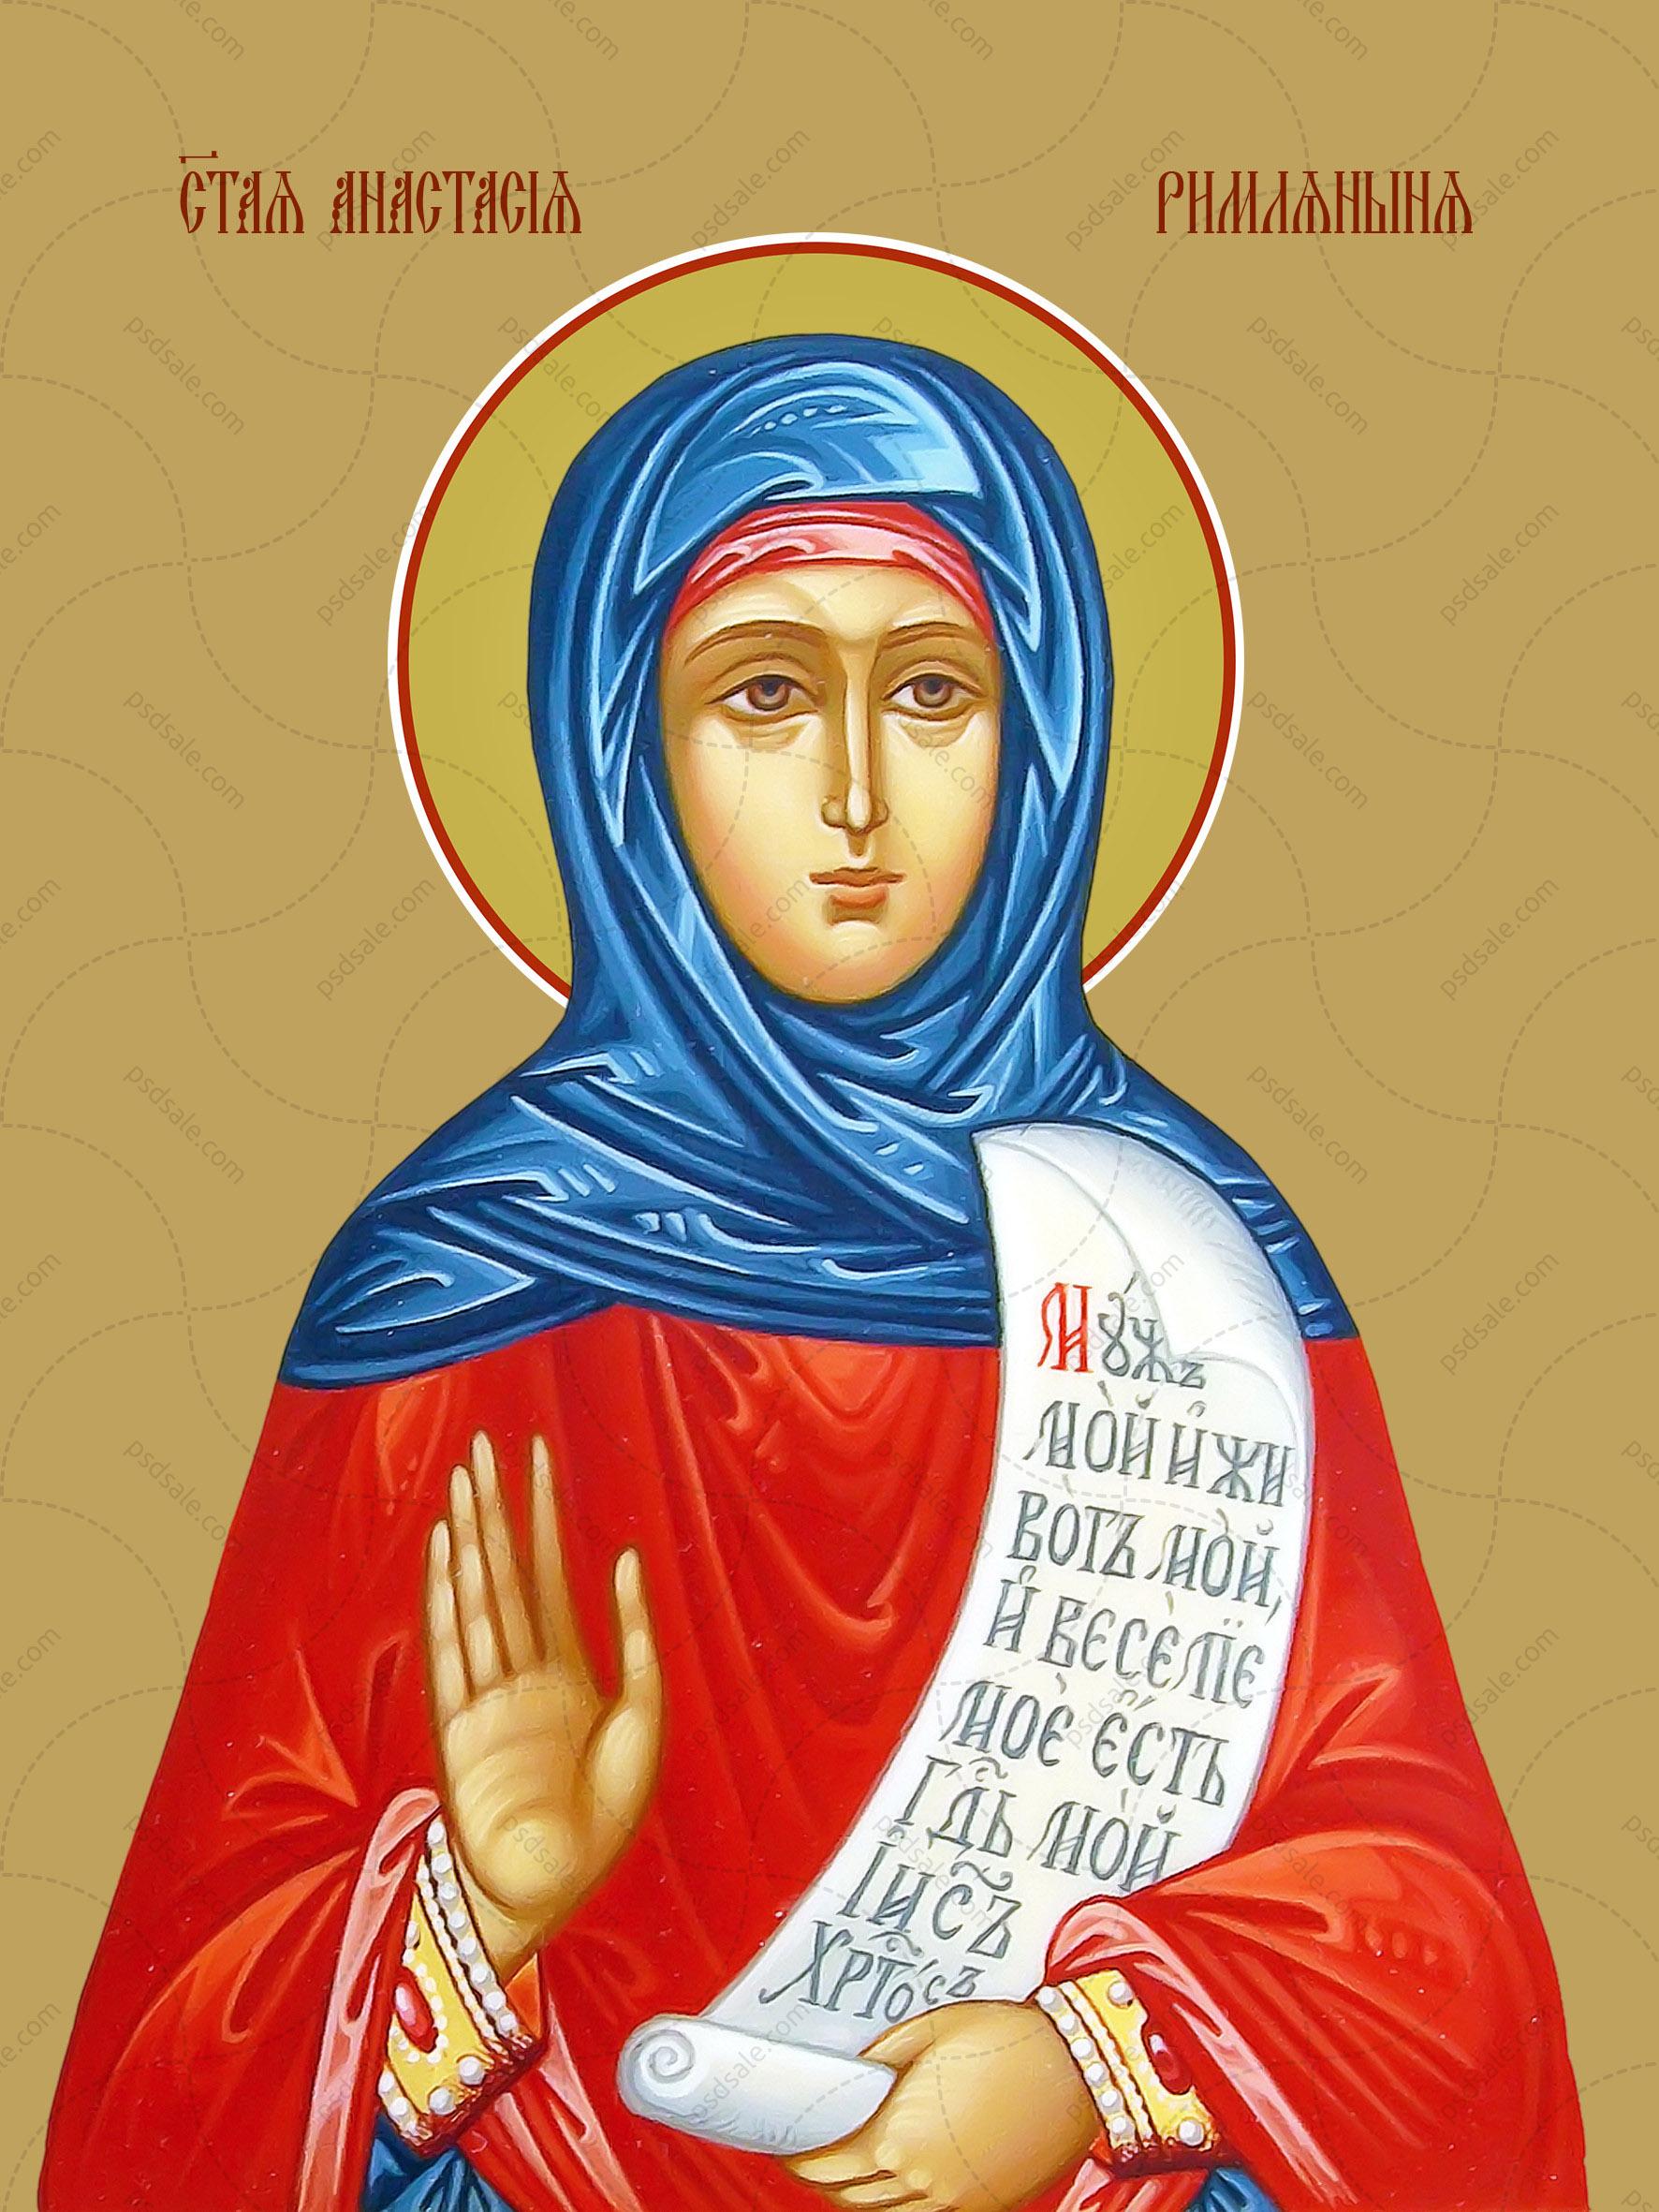 Анастасия Римская, святая